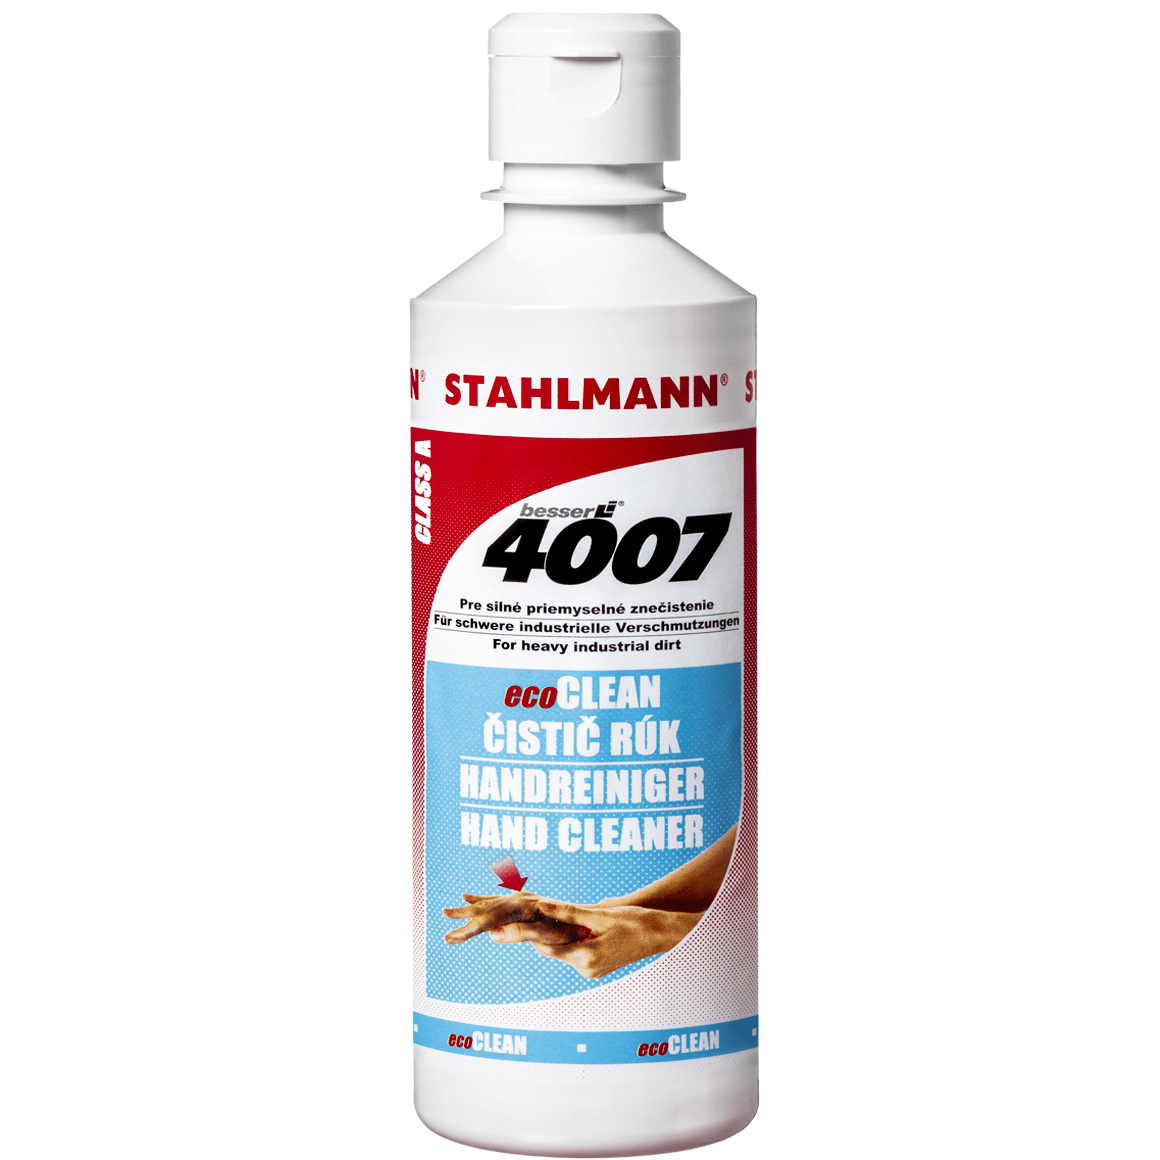 Čistič rukou eco CLEAN 4007, 300g